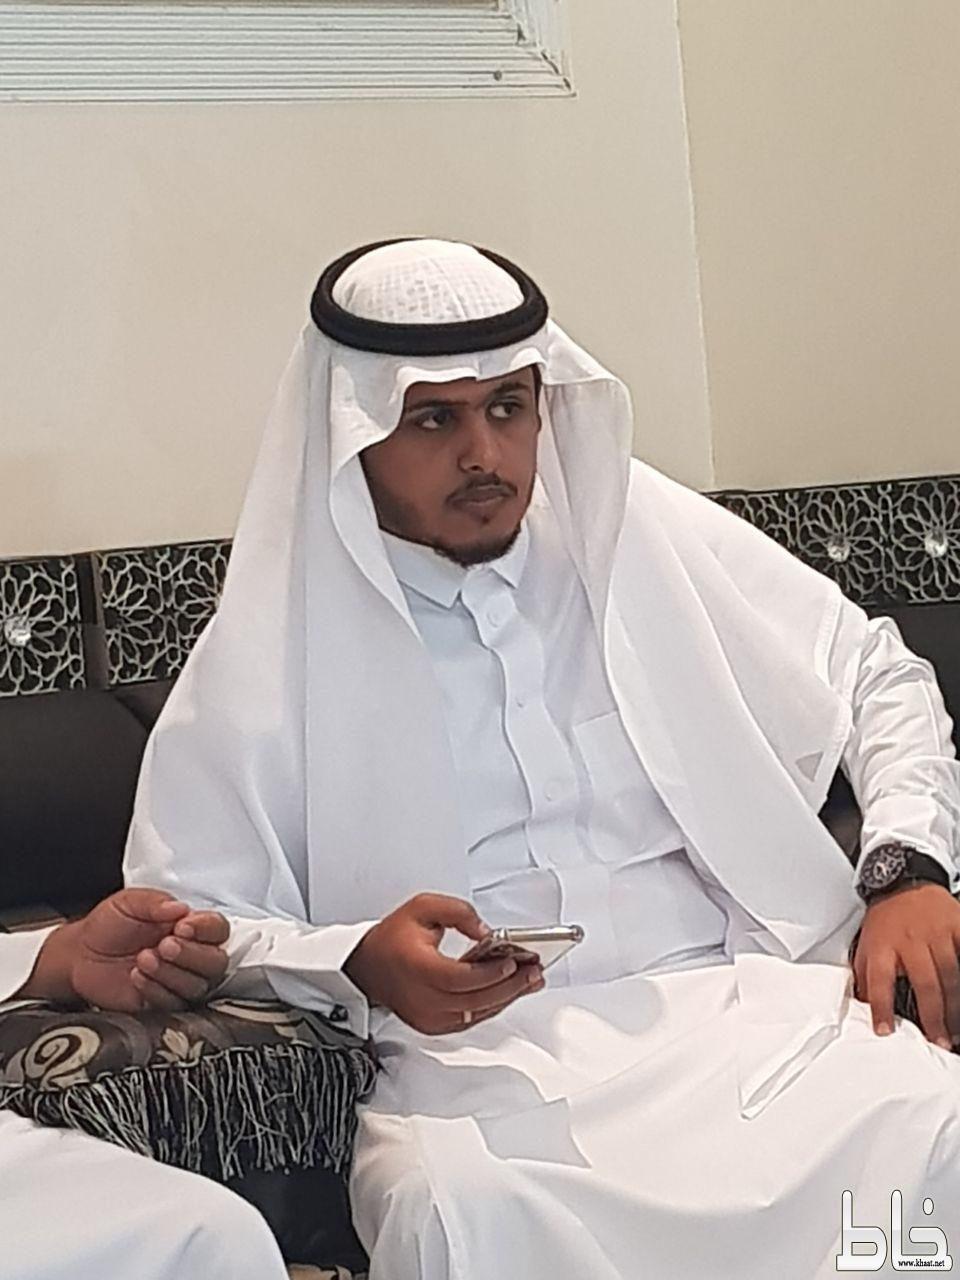 ماجد عبدالله الصميدي يحتفل بعقد قرانه